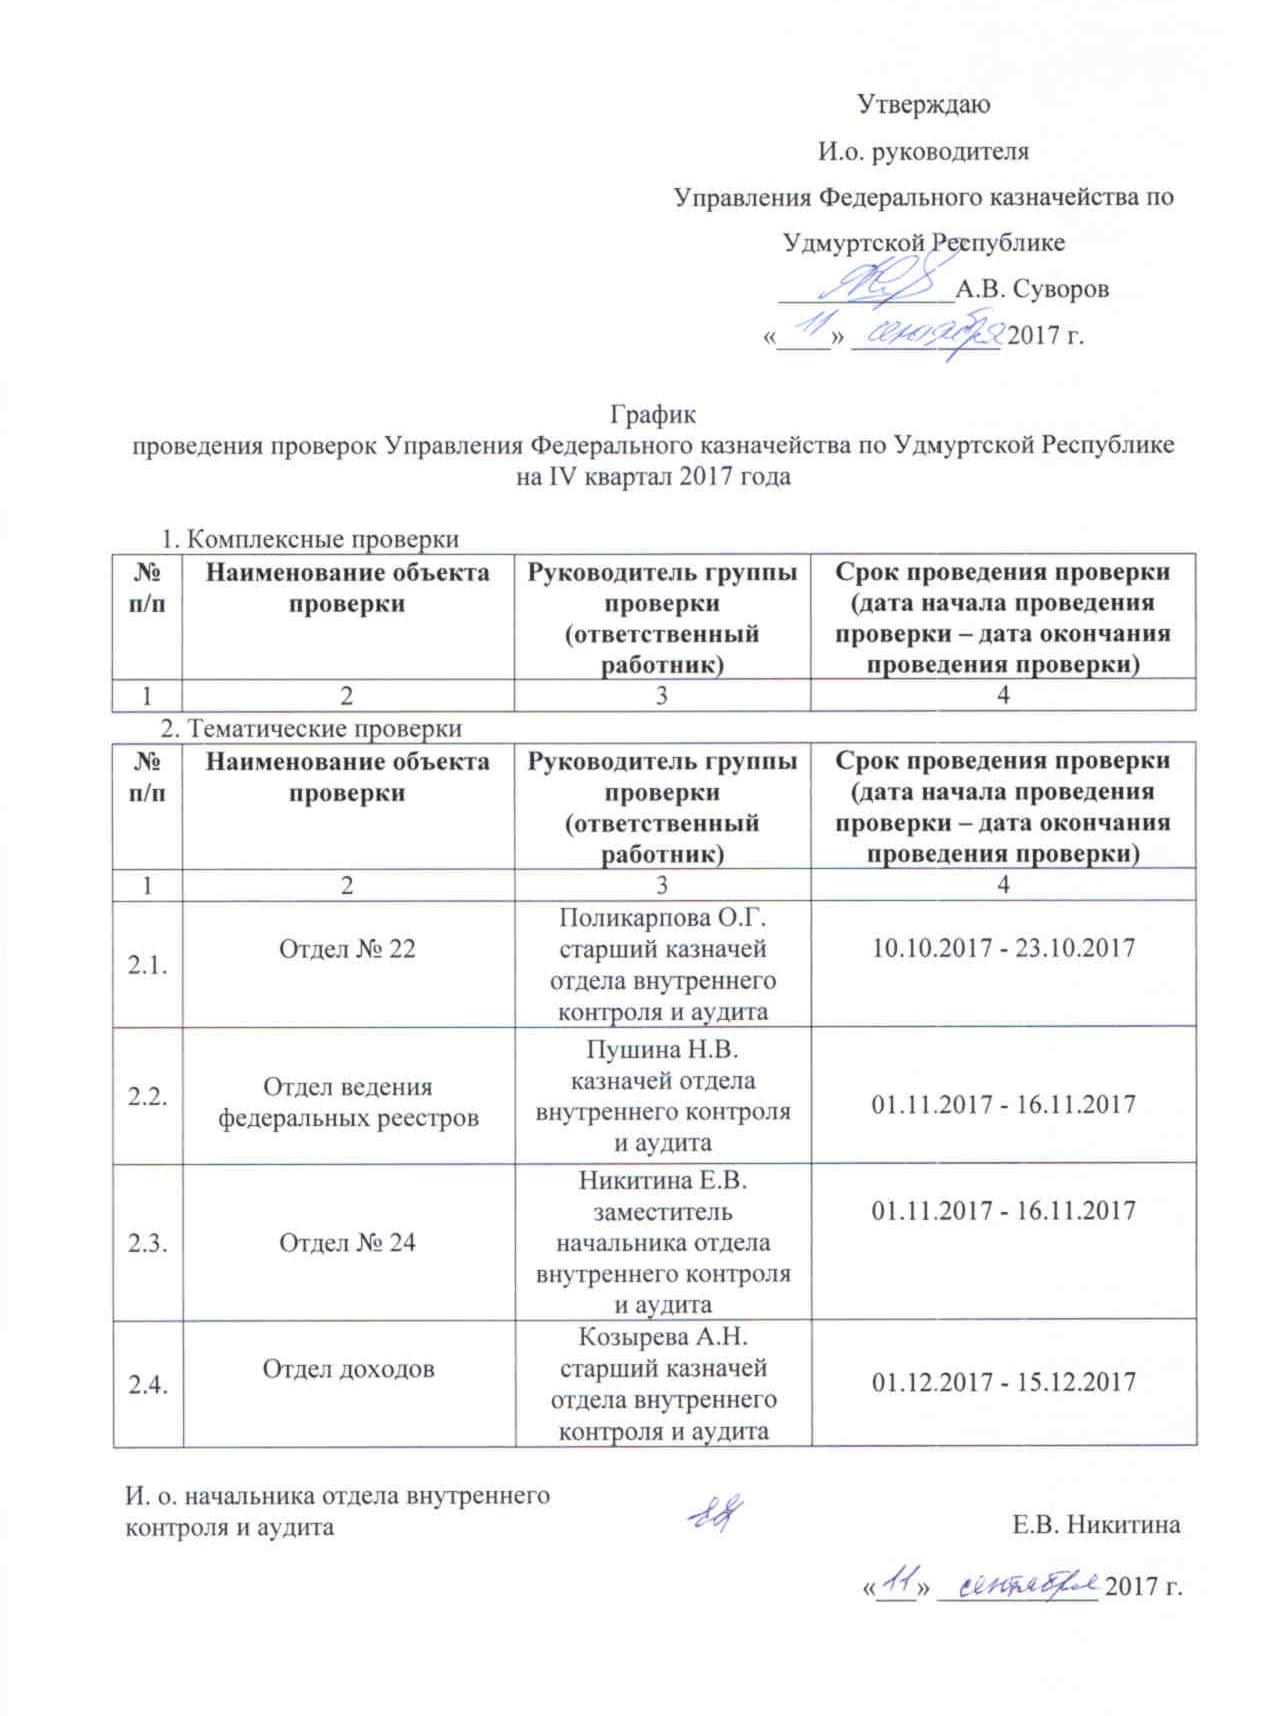 График проверки роспотребнадзора в свердловской области